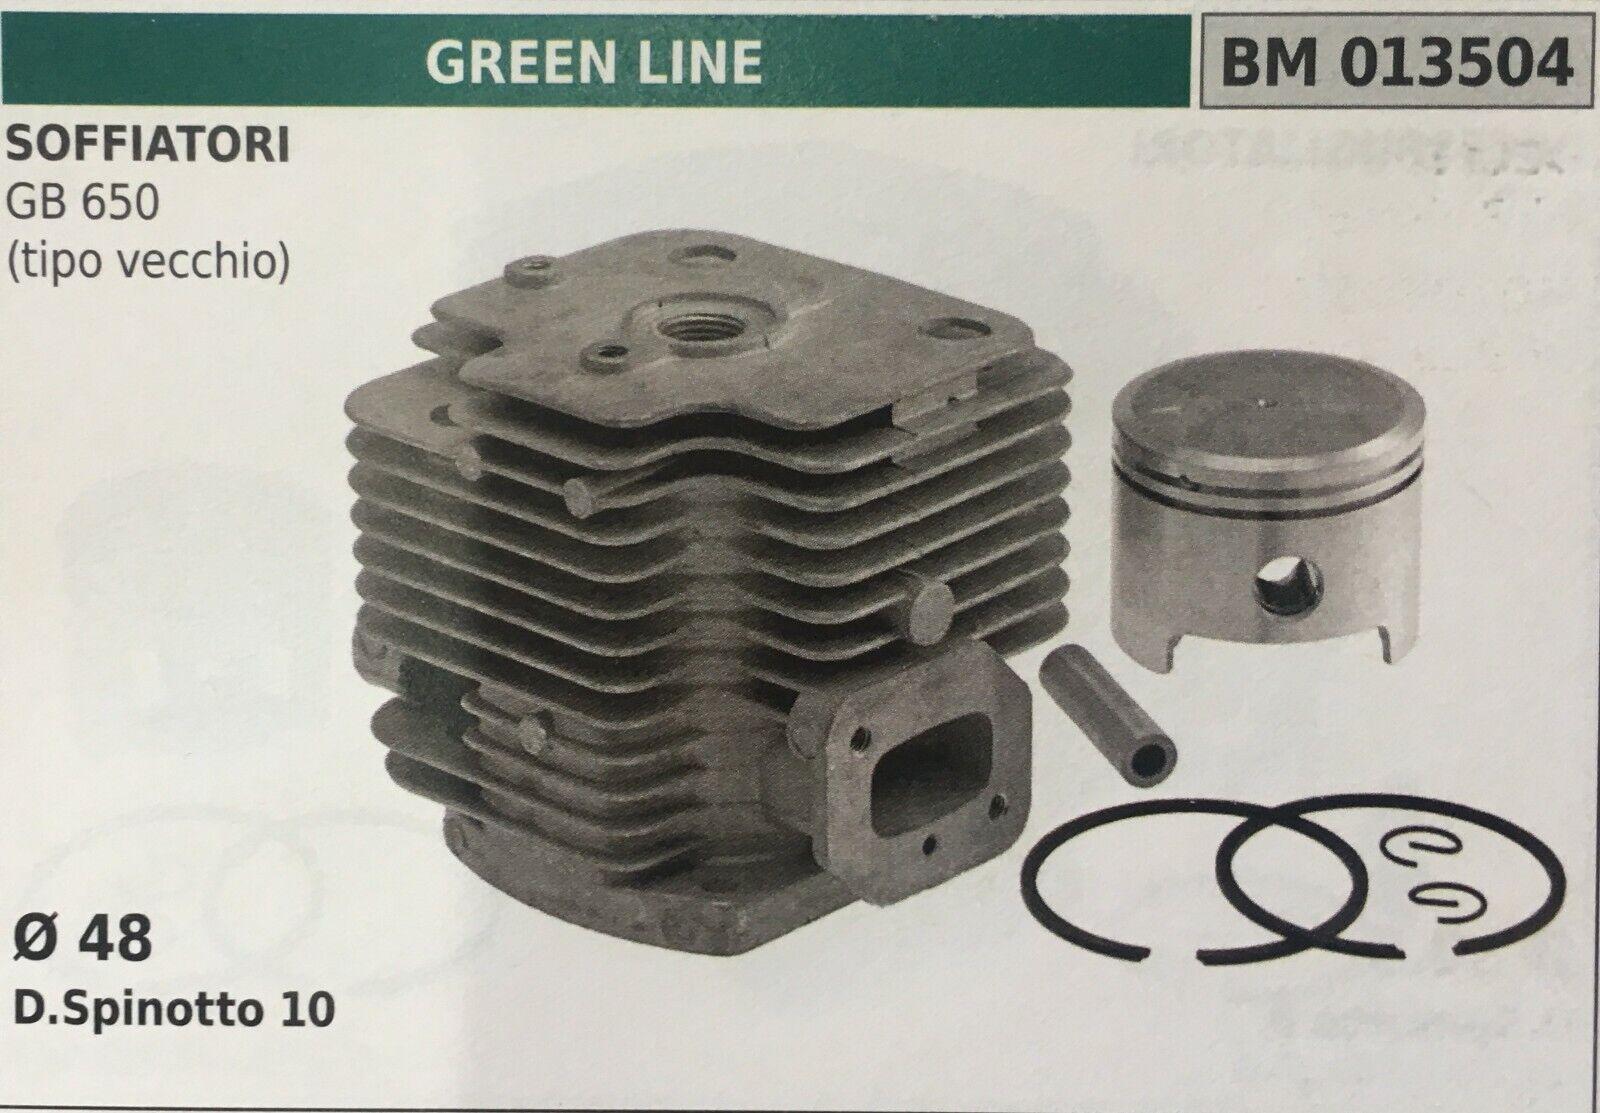 Cilindro Completo por Pistón y Segmentos Brumar BM013504 verde Line